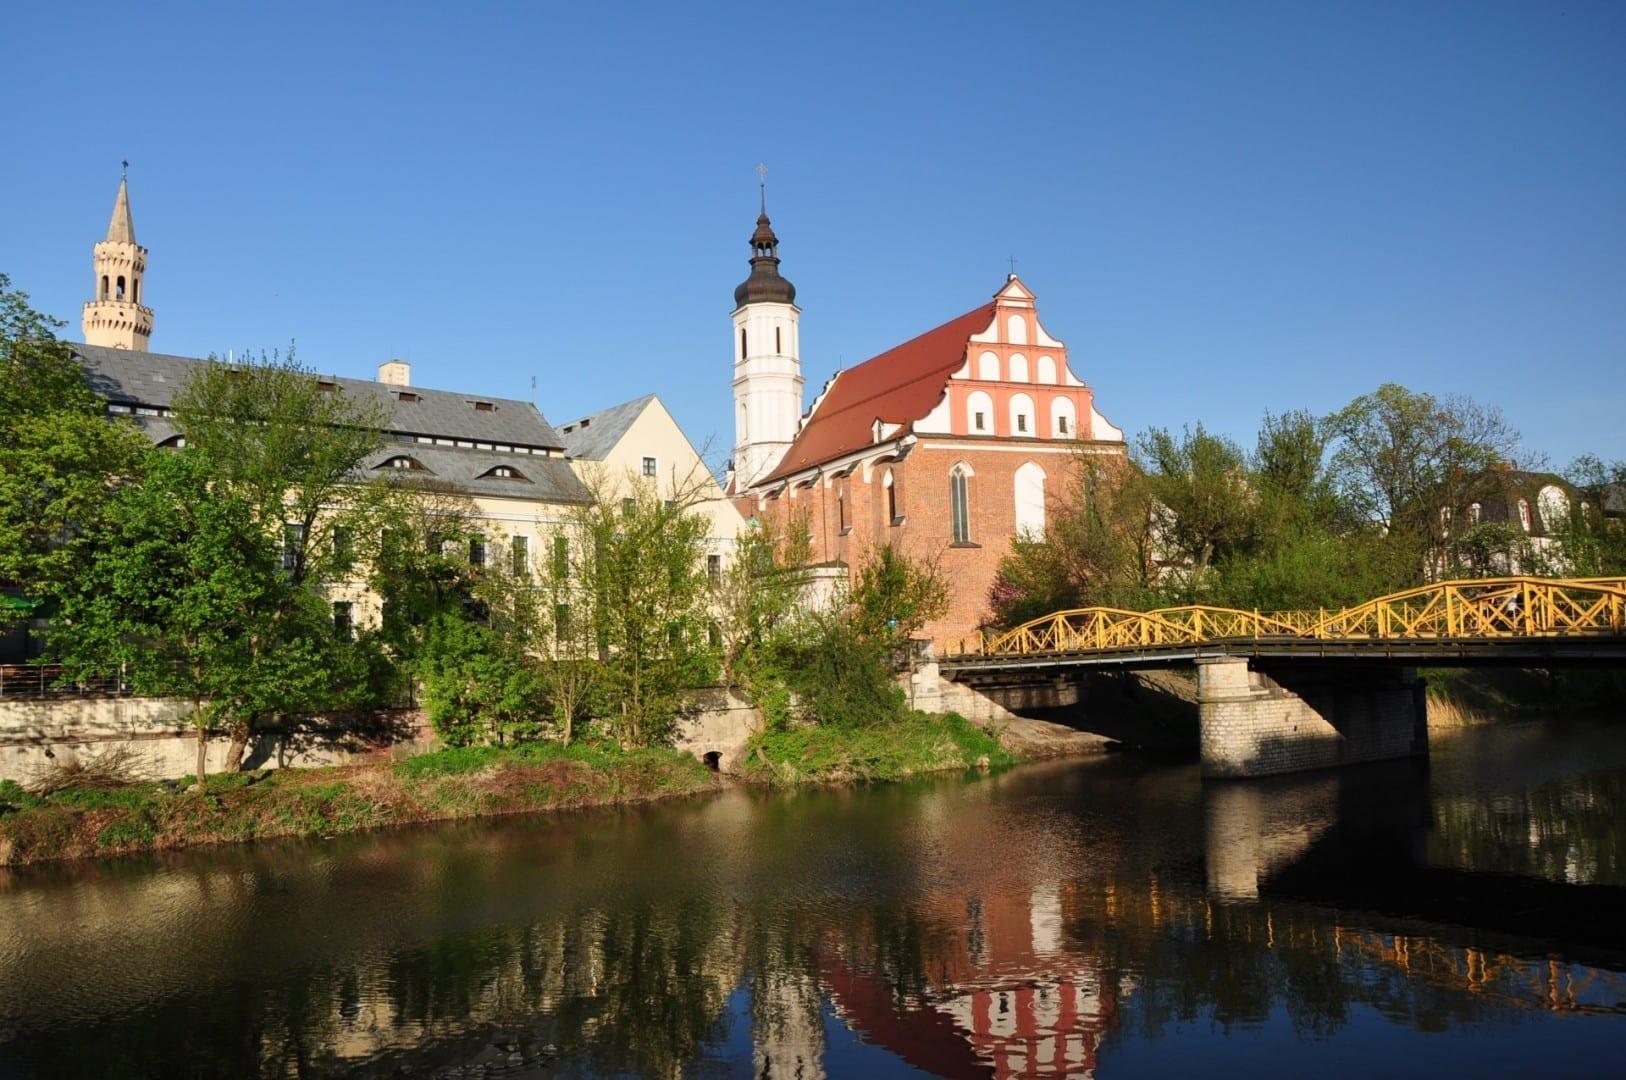 La Iglesia de la Santísima Trinidad vista desde la orilla del río Opole Polonia